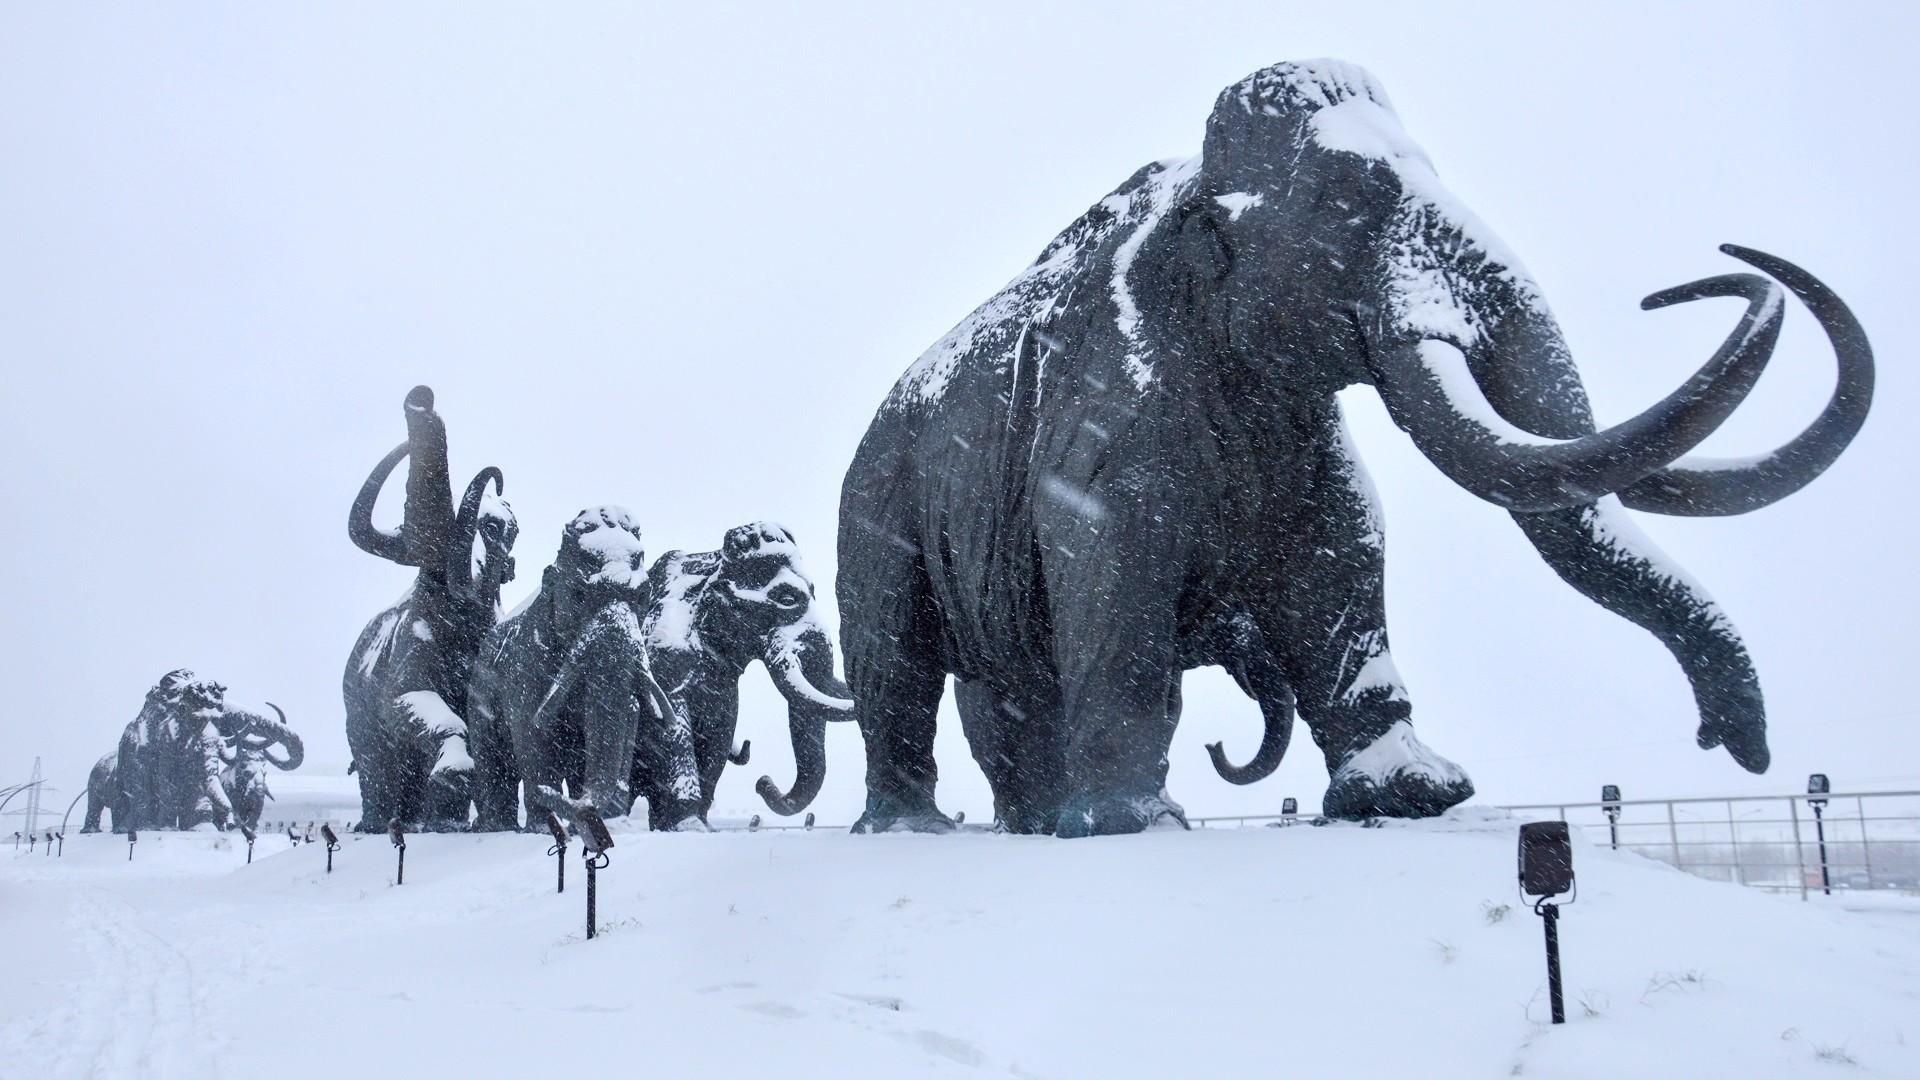 Ensemble sculptural à Khanty-Mansiïsk (Sibérie)